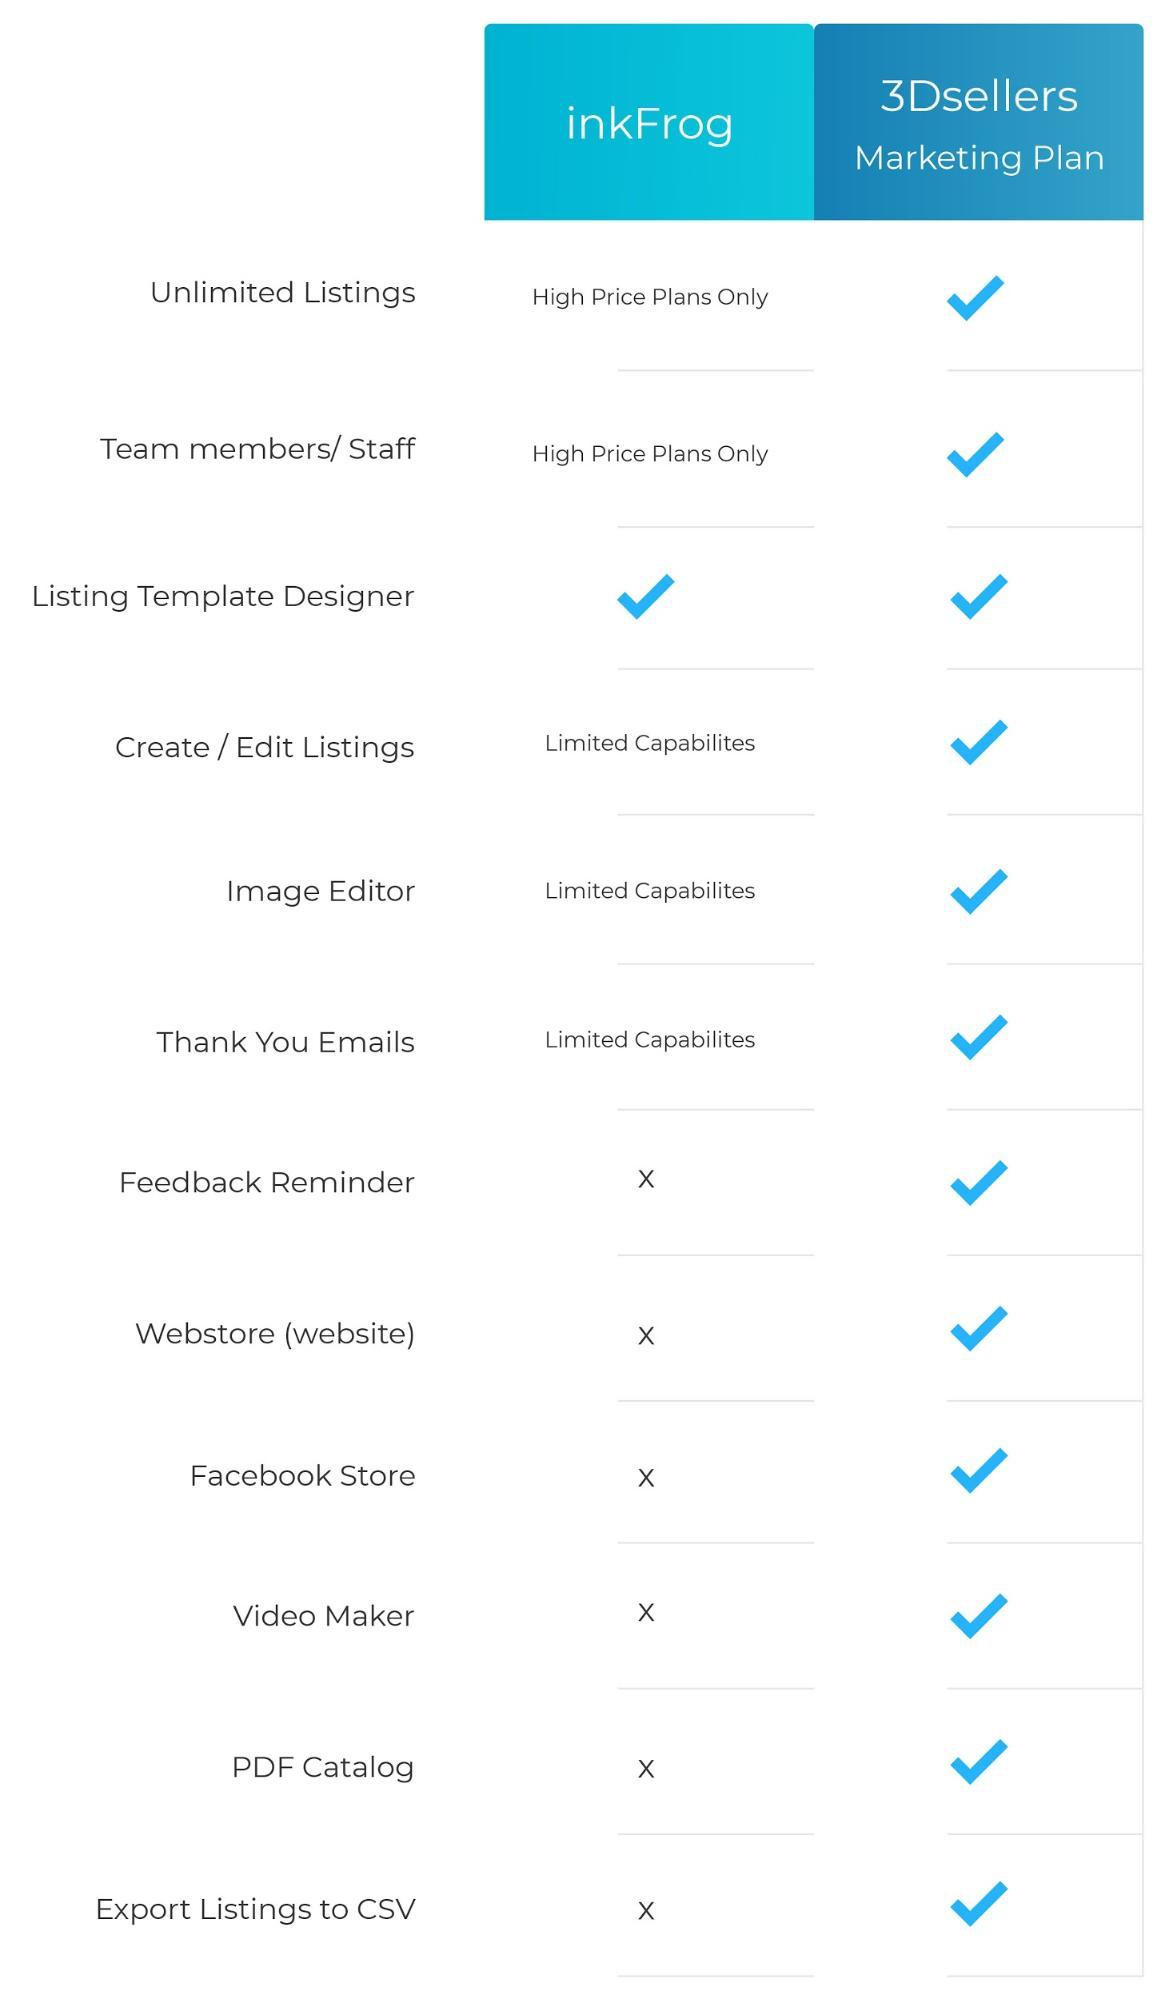 inkfrog vs 3dsellers marketing plan